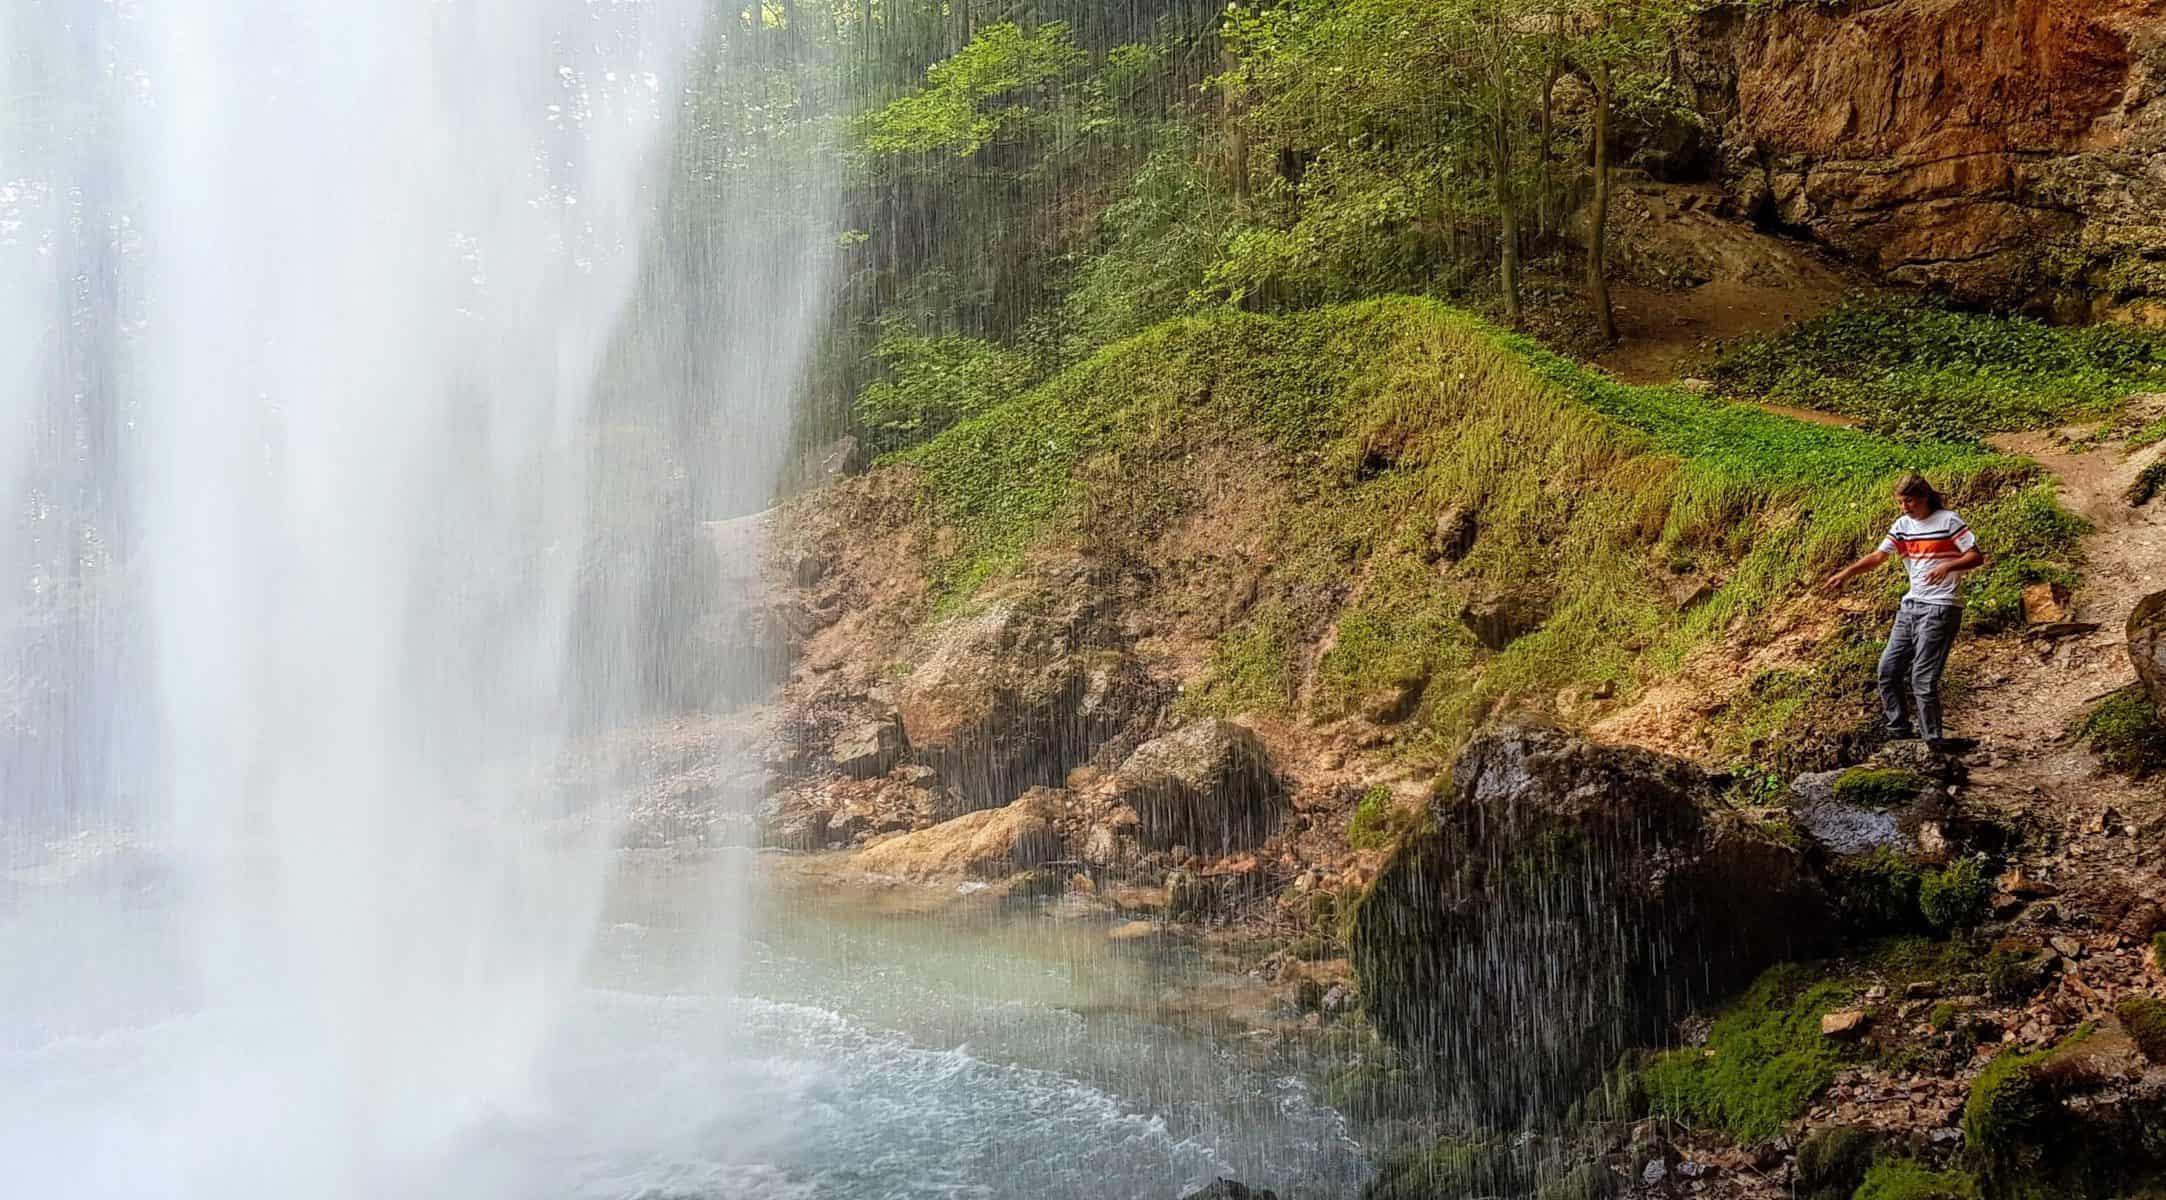 Natur erleben in Kärnten mit Kindern beim Wildensteiner Wasserfall in Gallizien Nähe Klopeiner See in Südkärnten